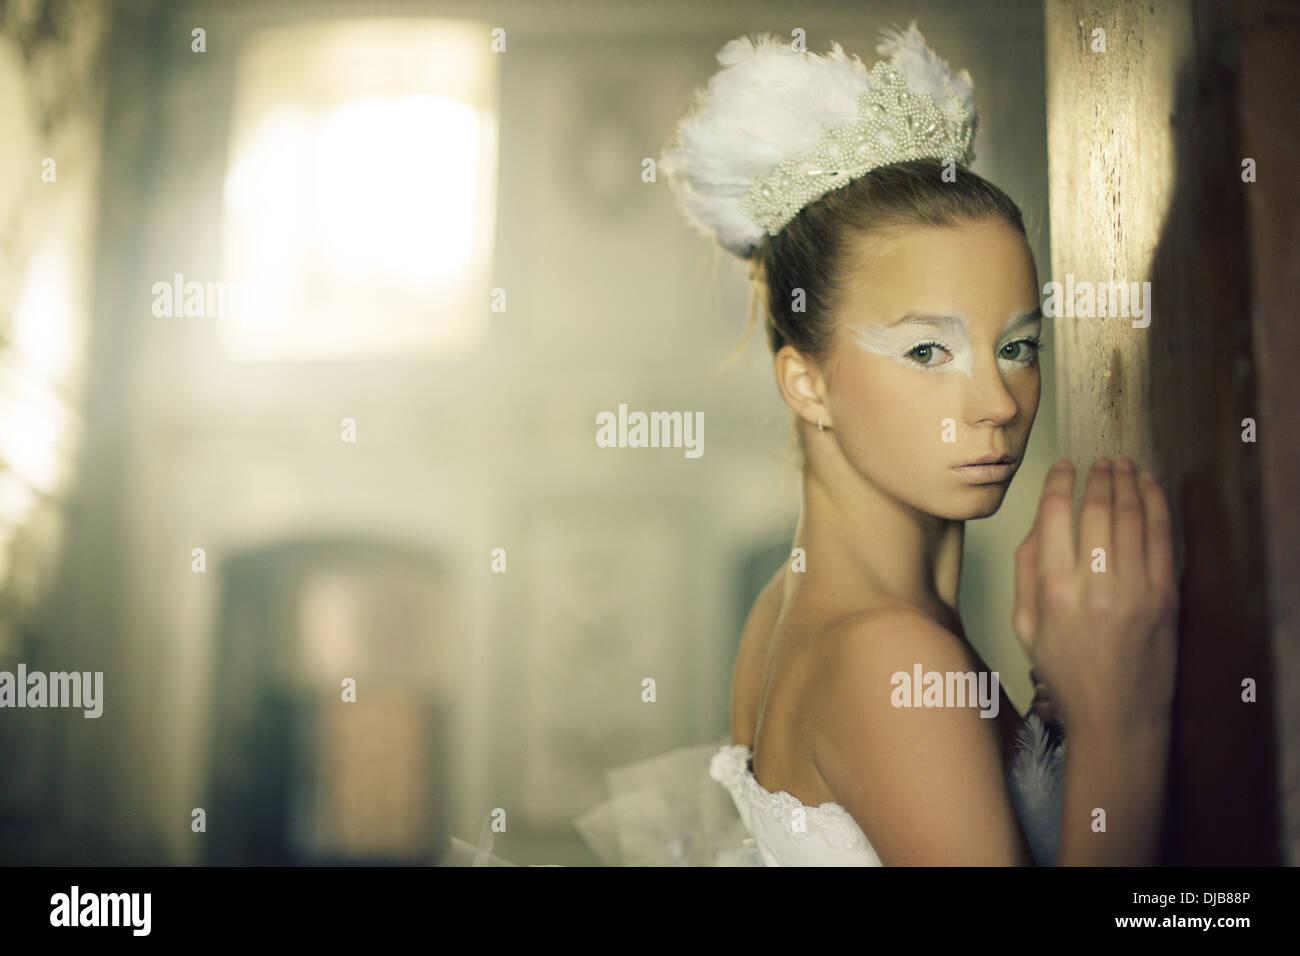 Un grande ritratto di swan ballerina Immagini Stock